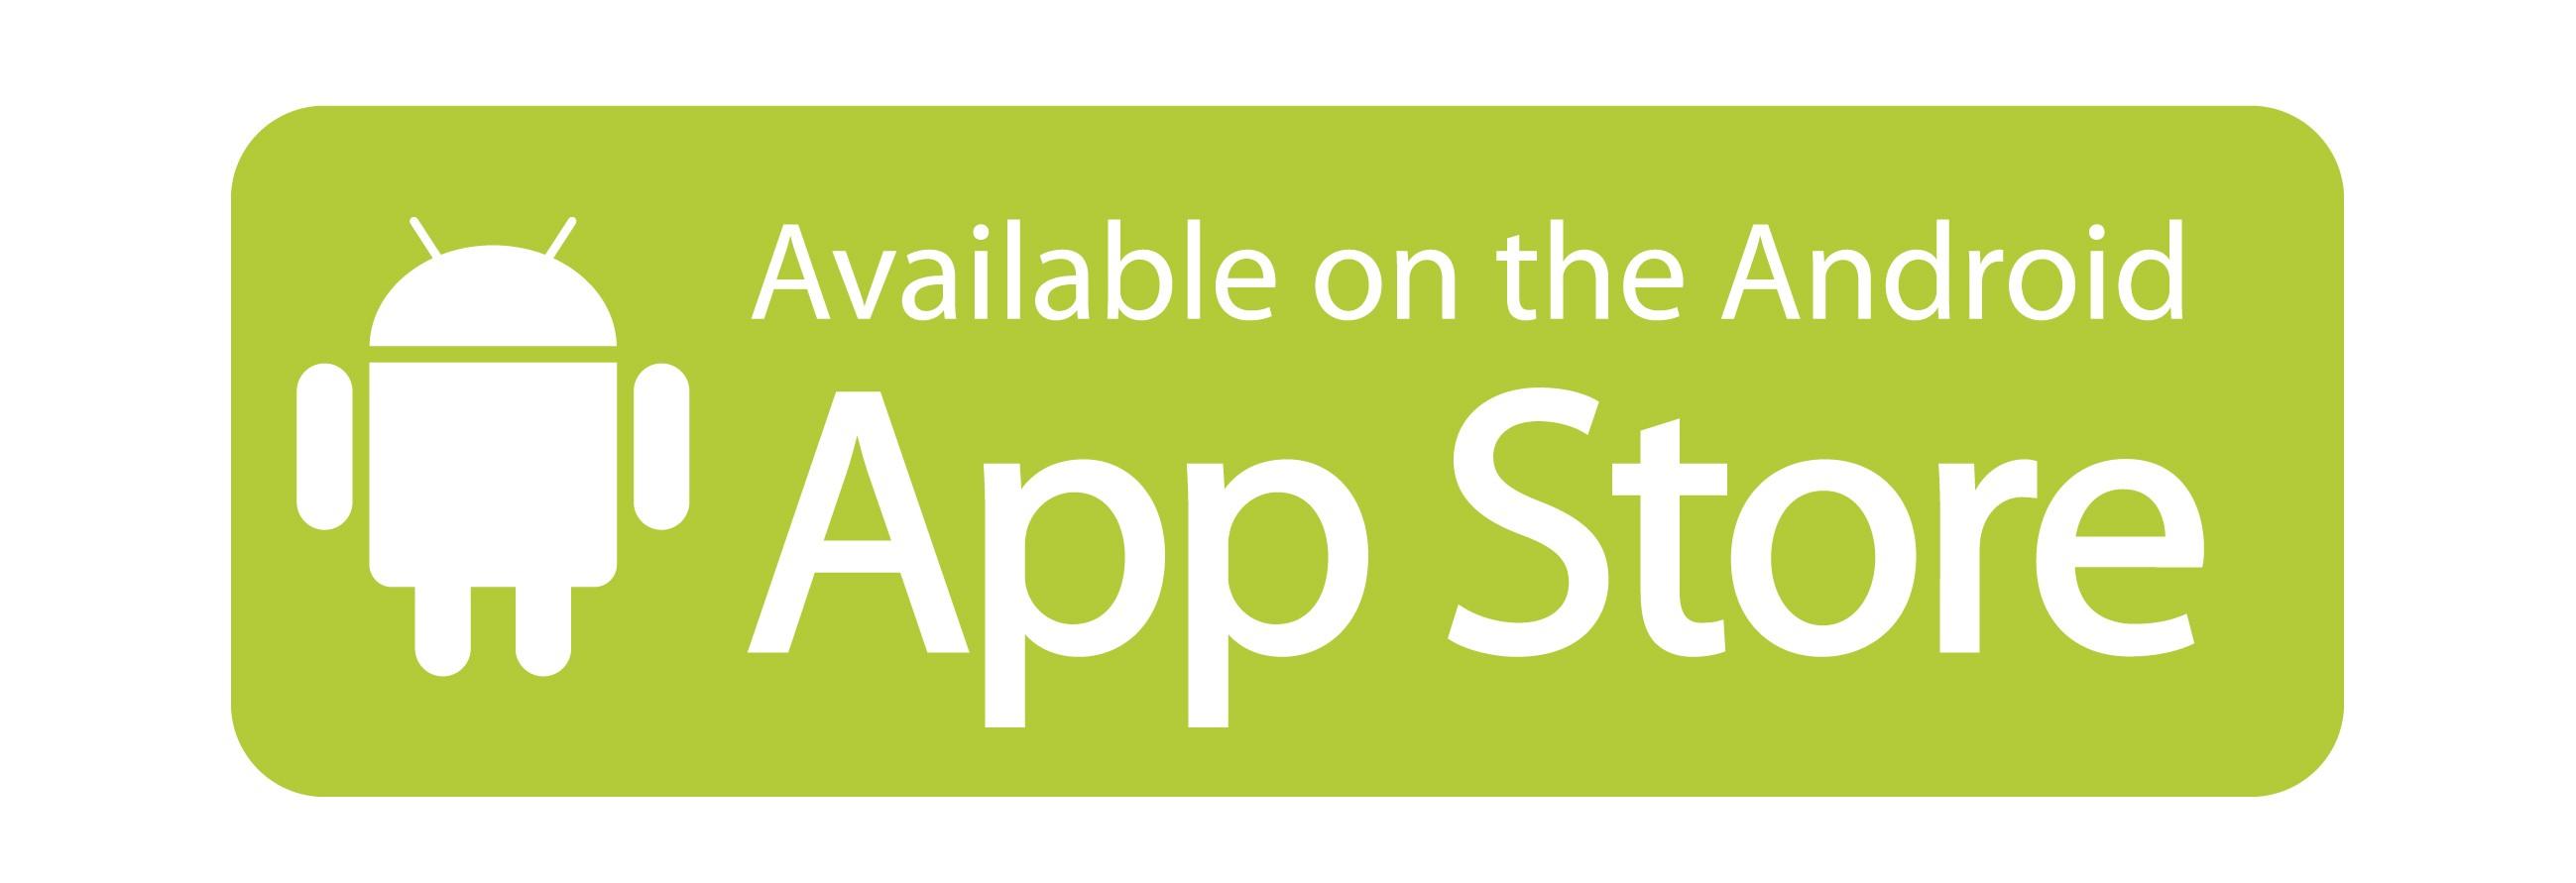 Плей маркет на андроид. Скачать последнюю версию play market.